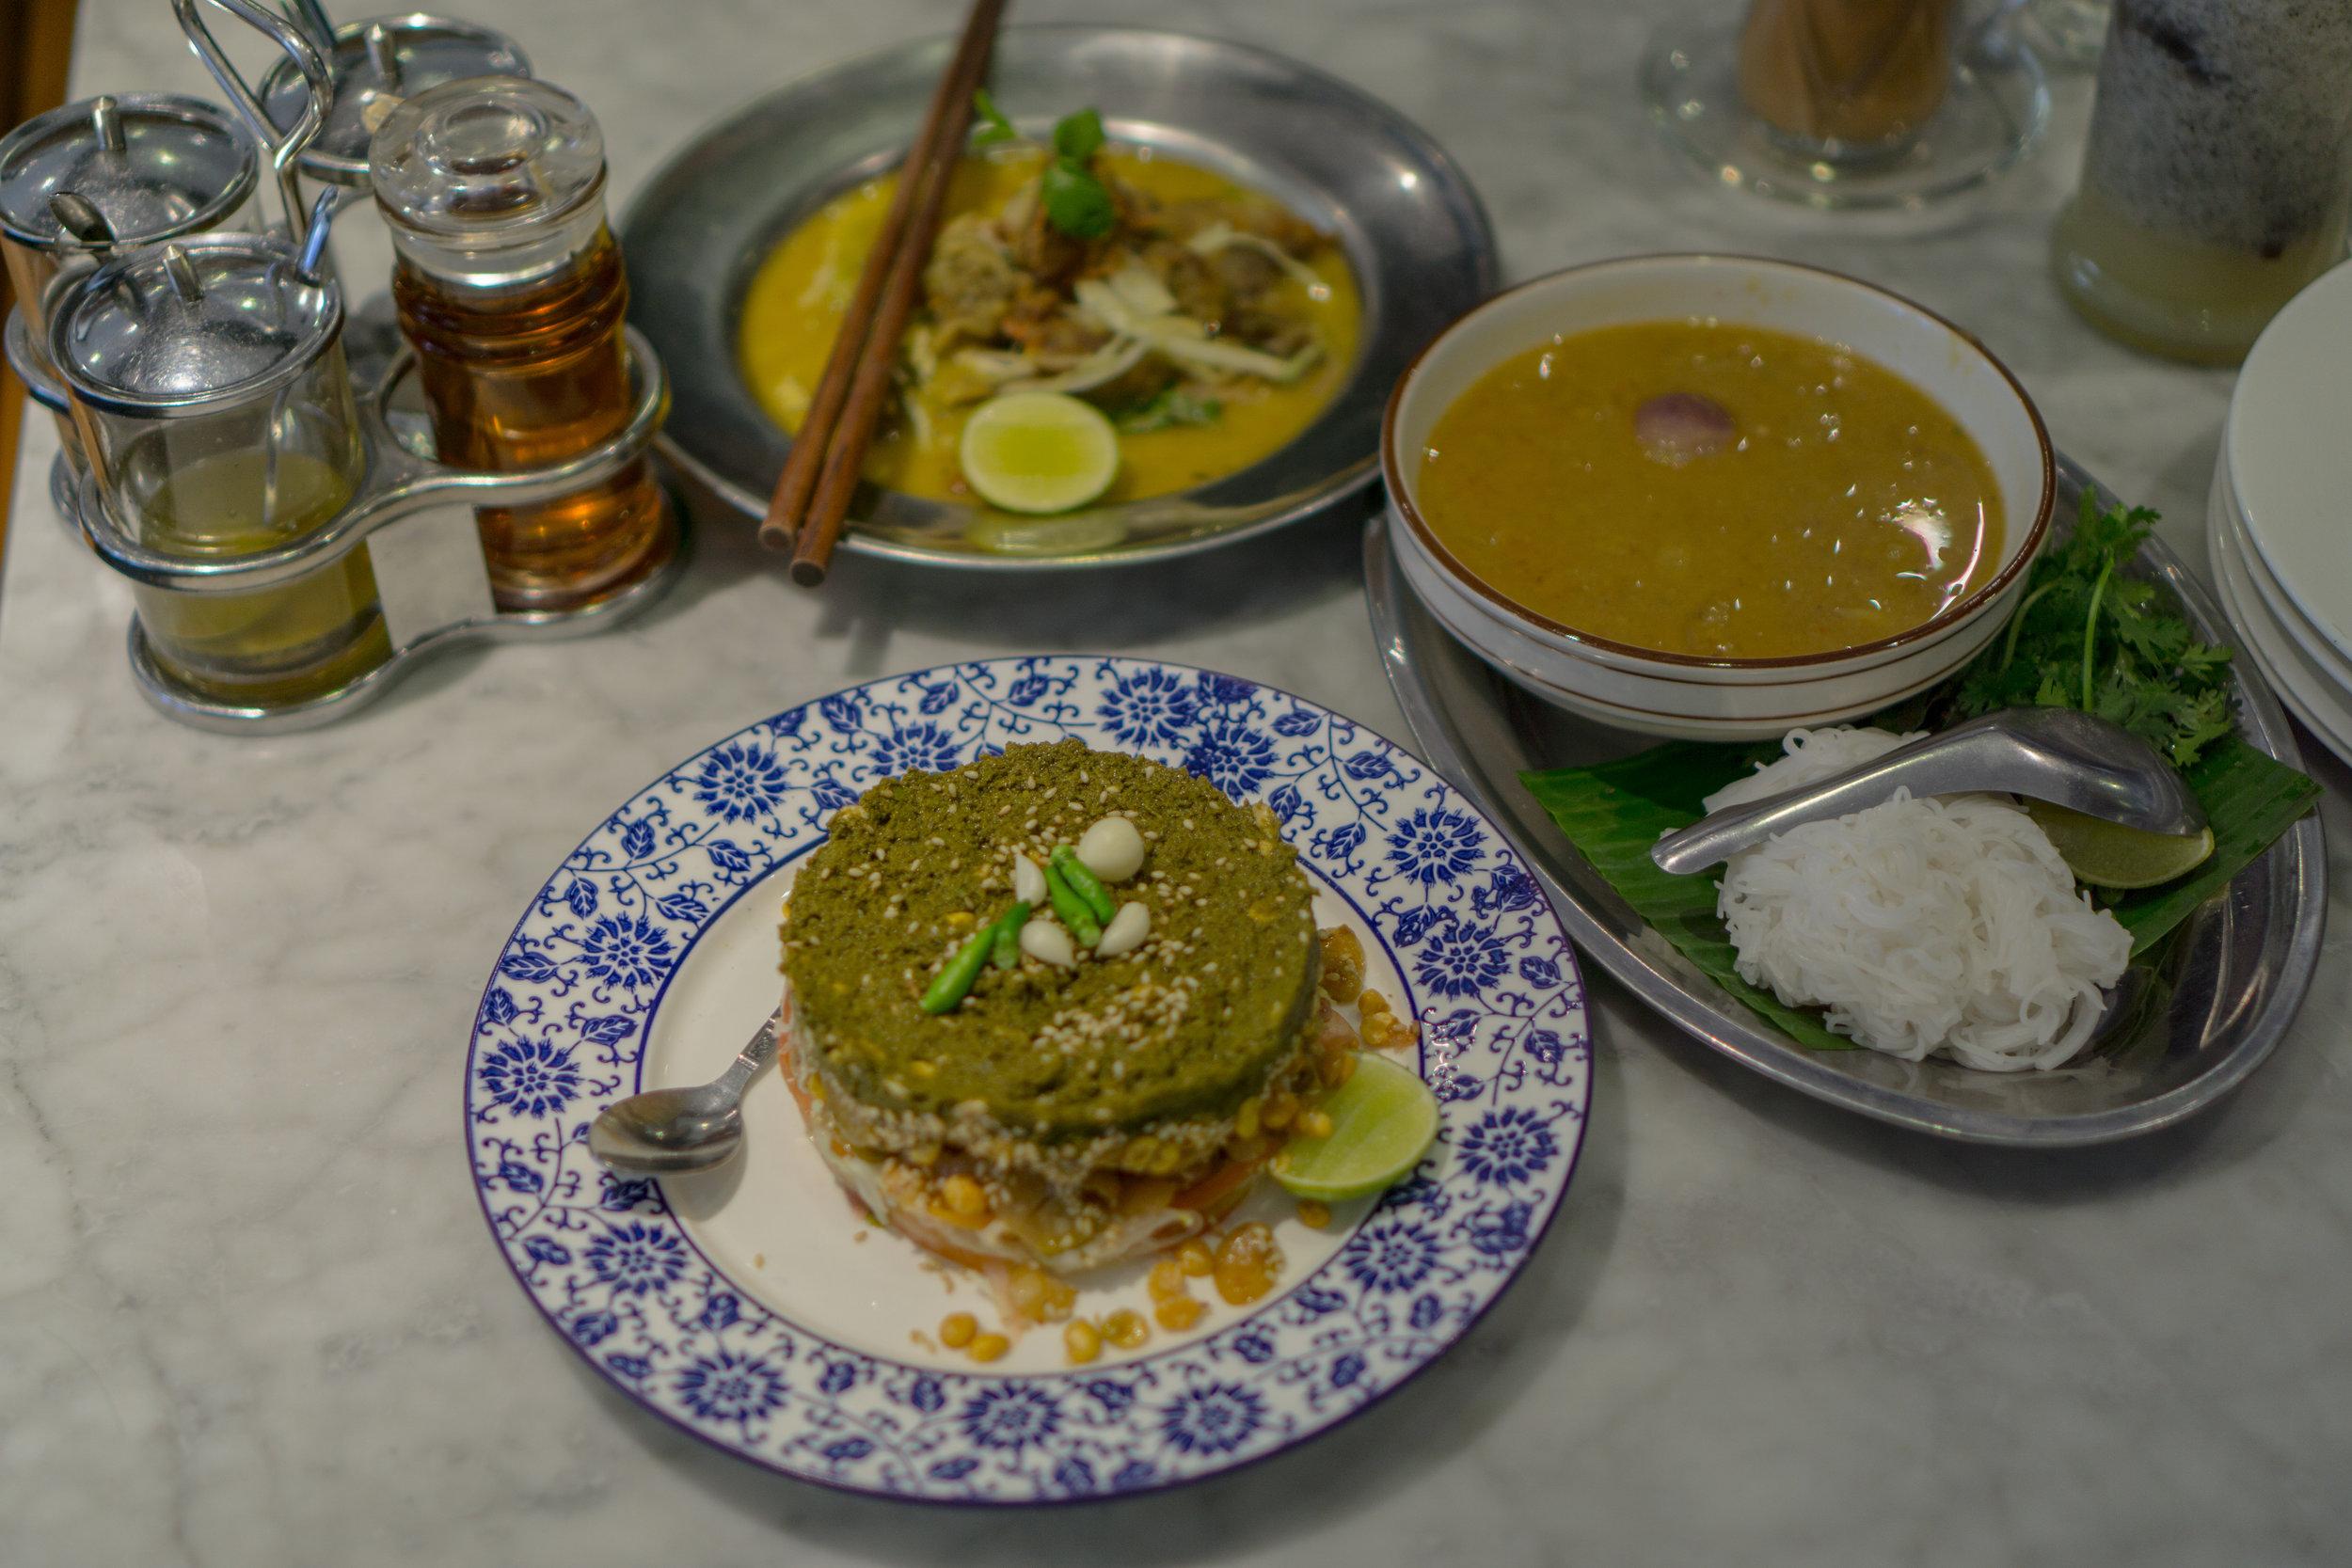 Rangoon Tea House Tea Leaf Salad and Moving